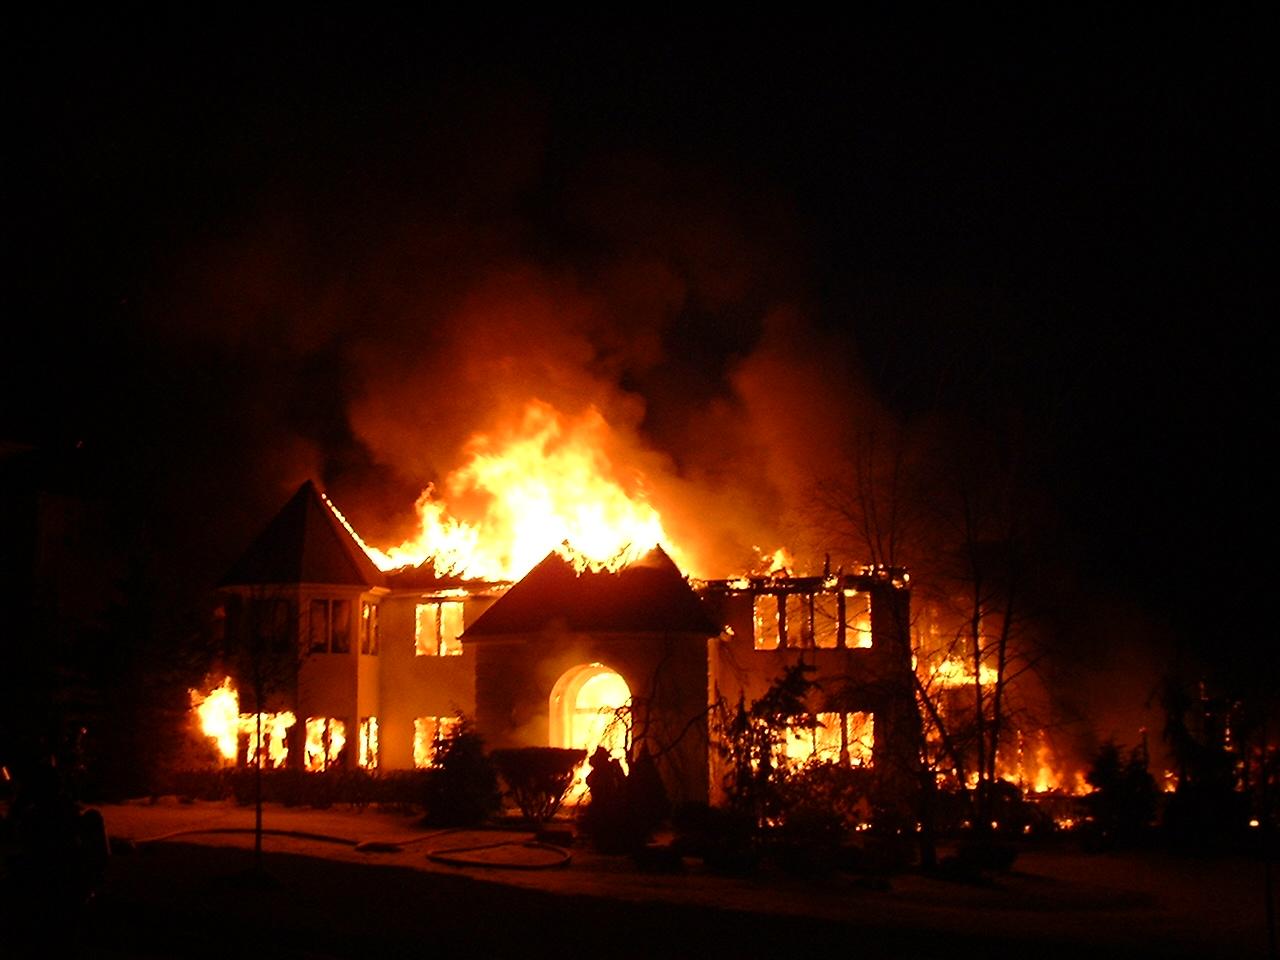 Incendie dans une maison que faire mysecurite for Alarme feu maison